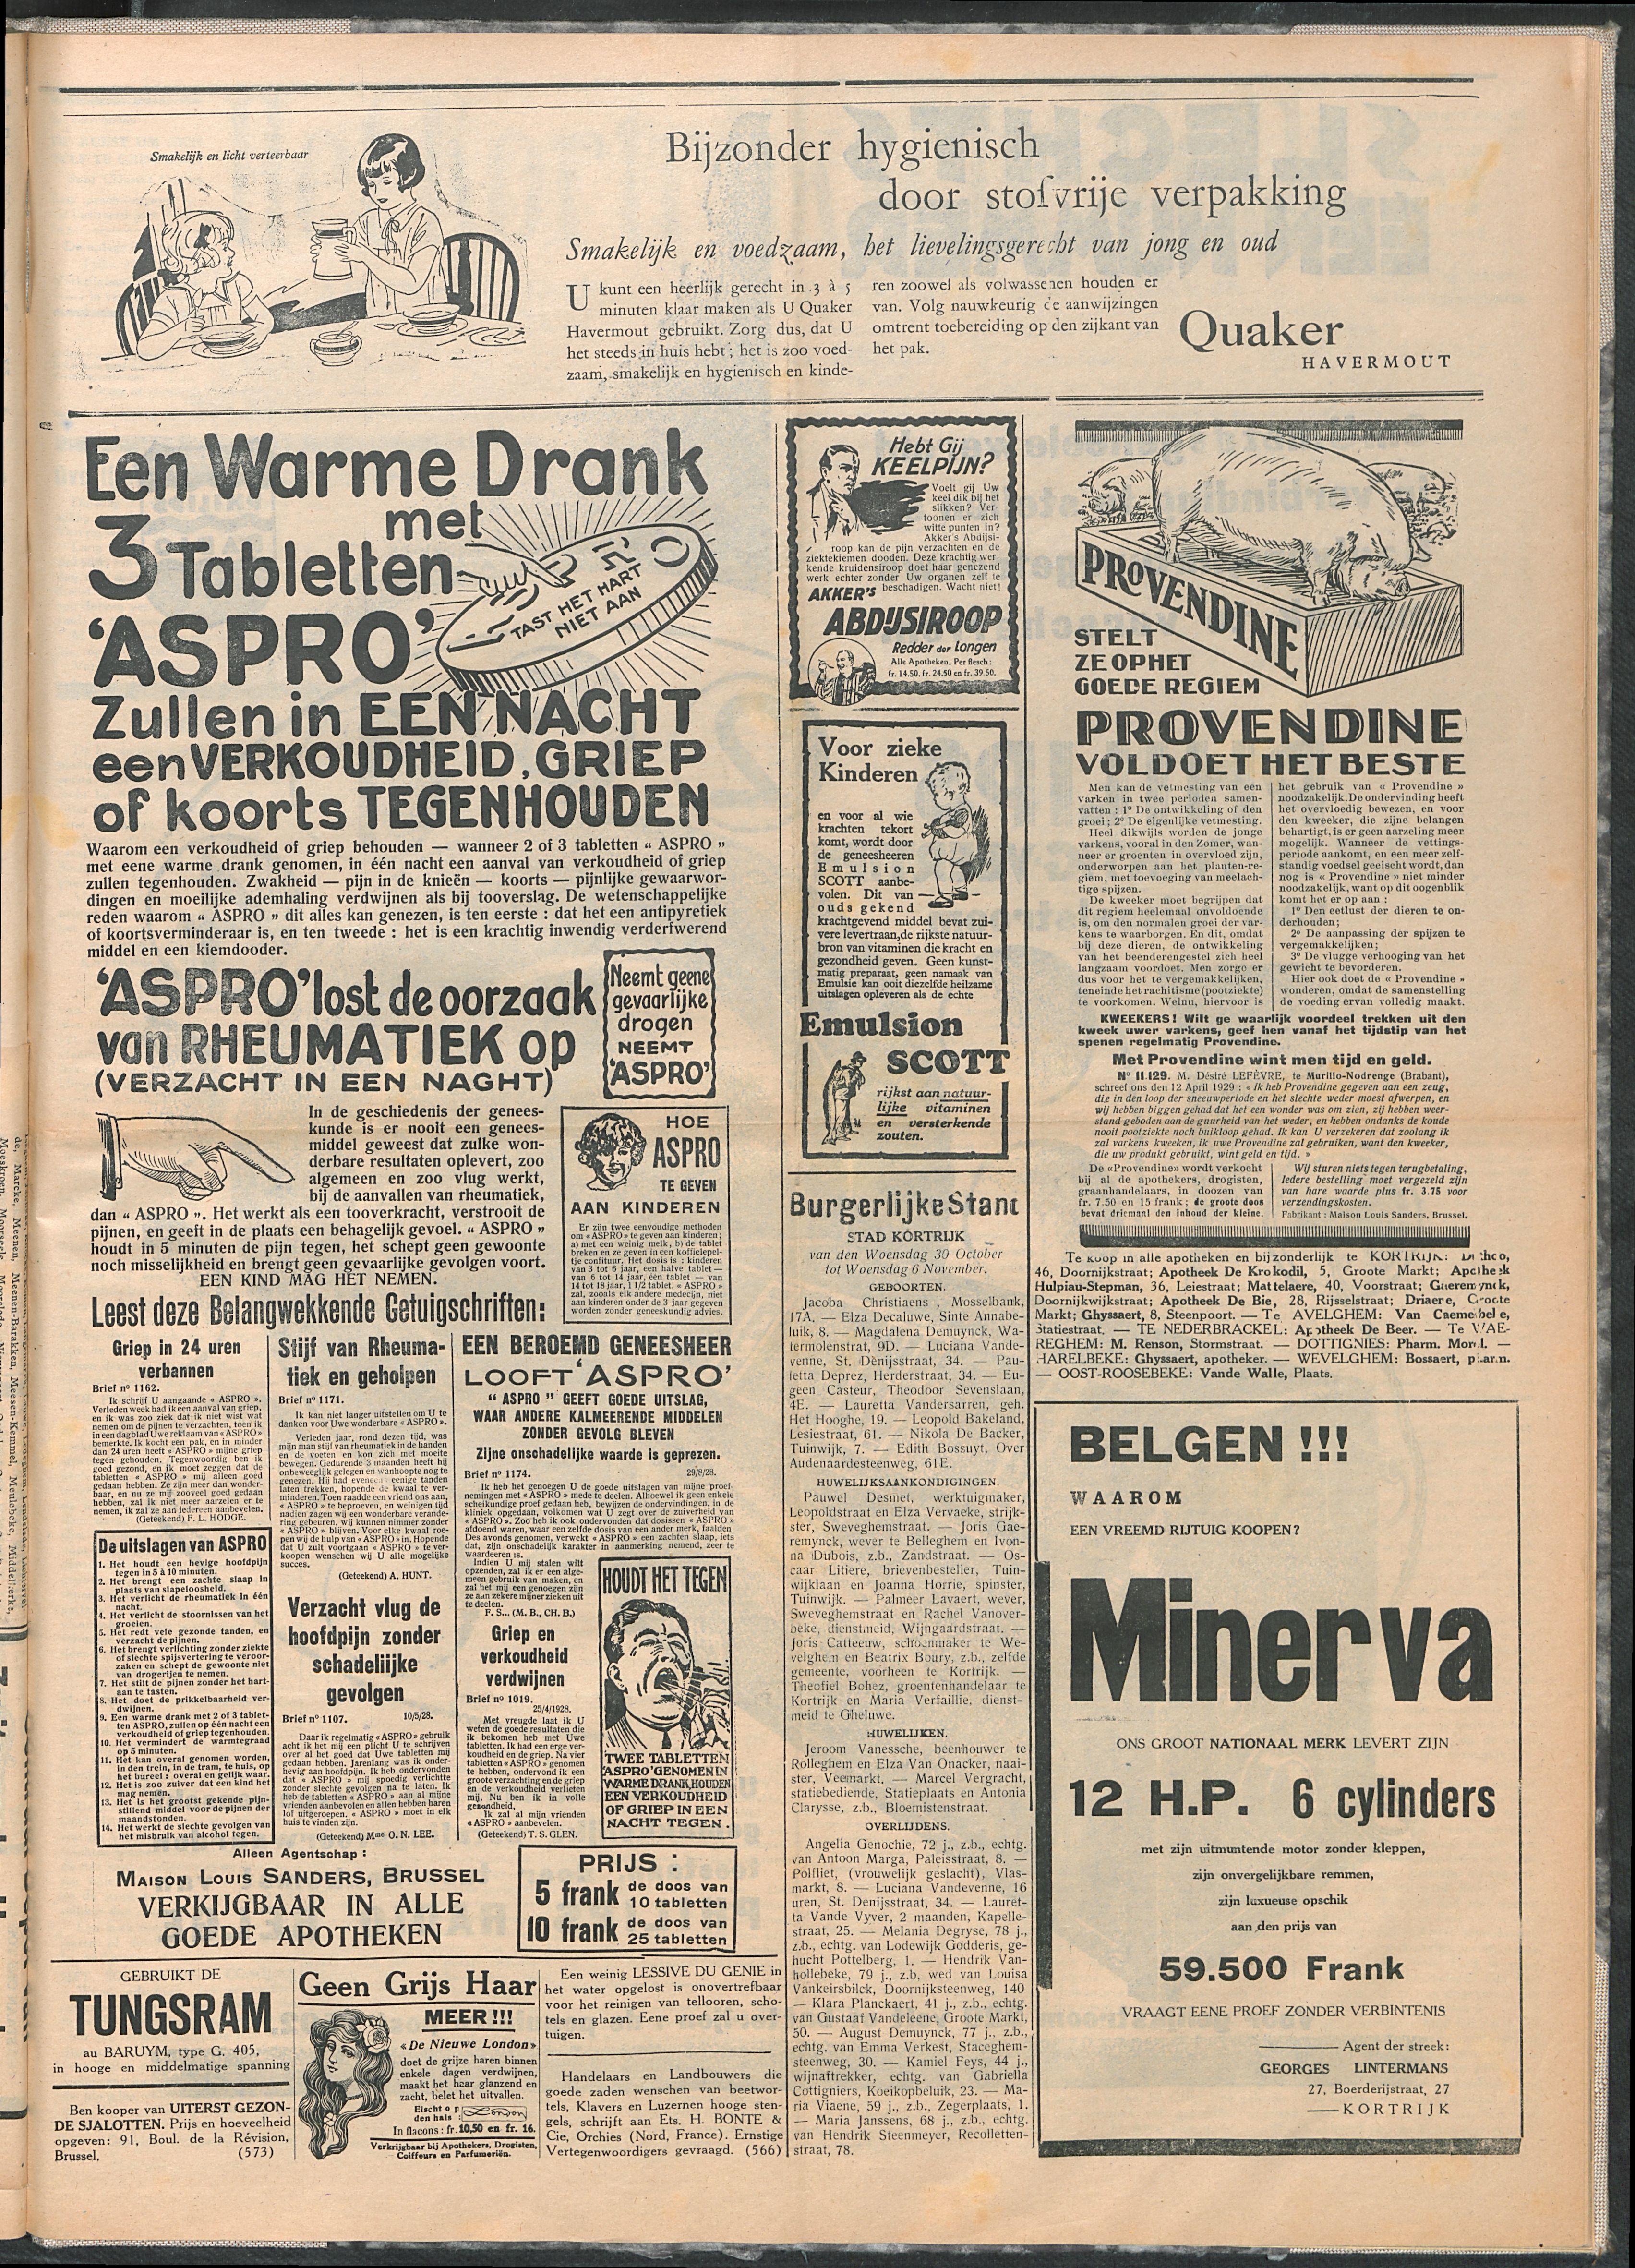 Het Kortrijksche Volk 1929-11-10 p6